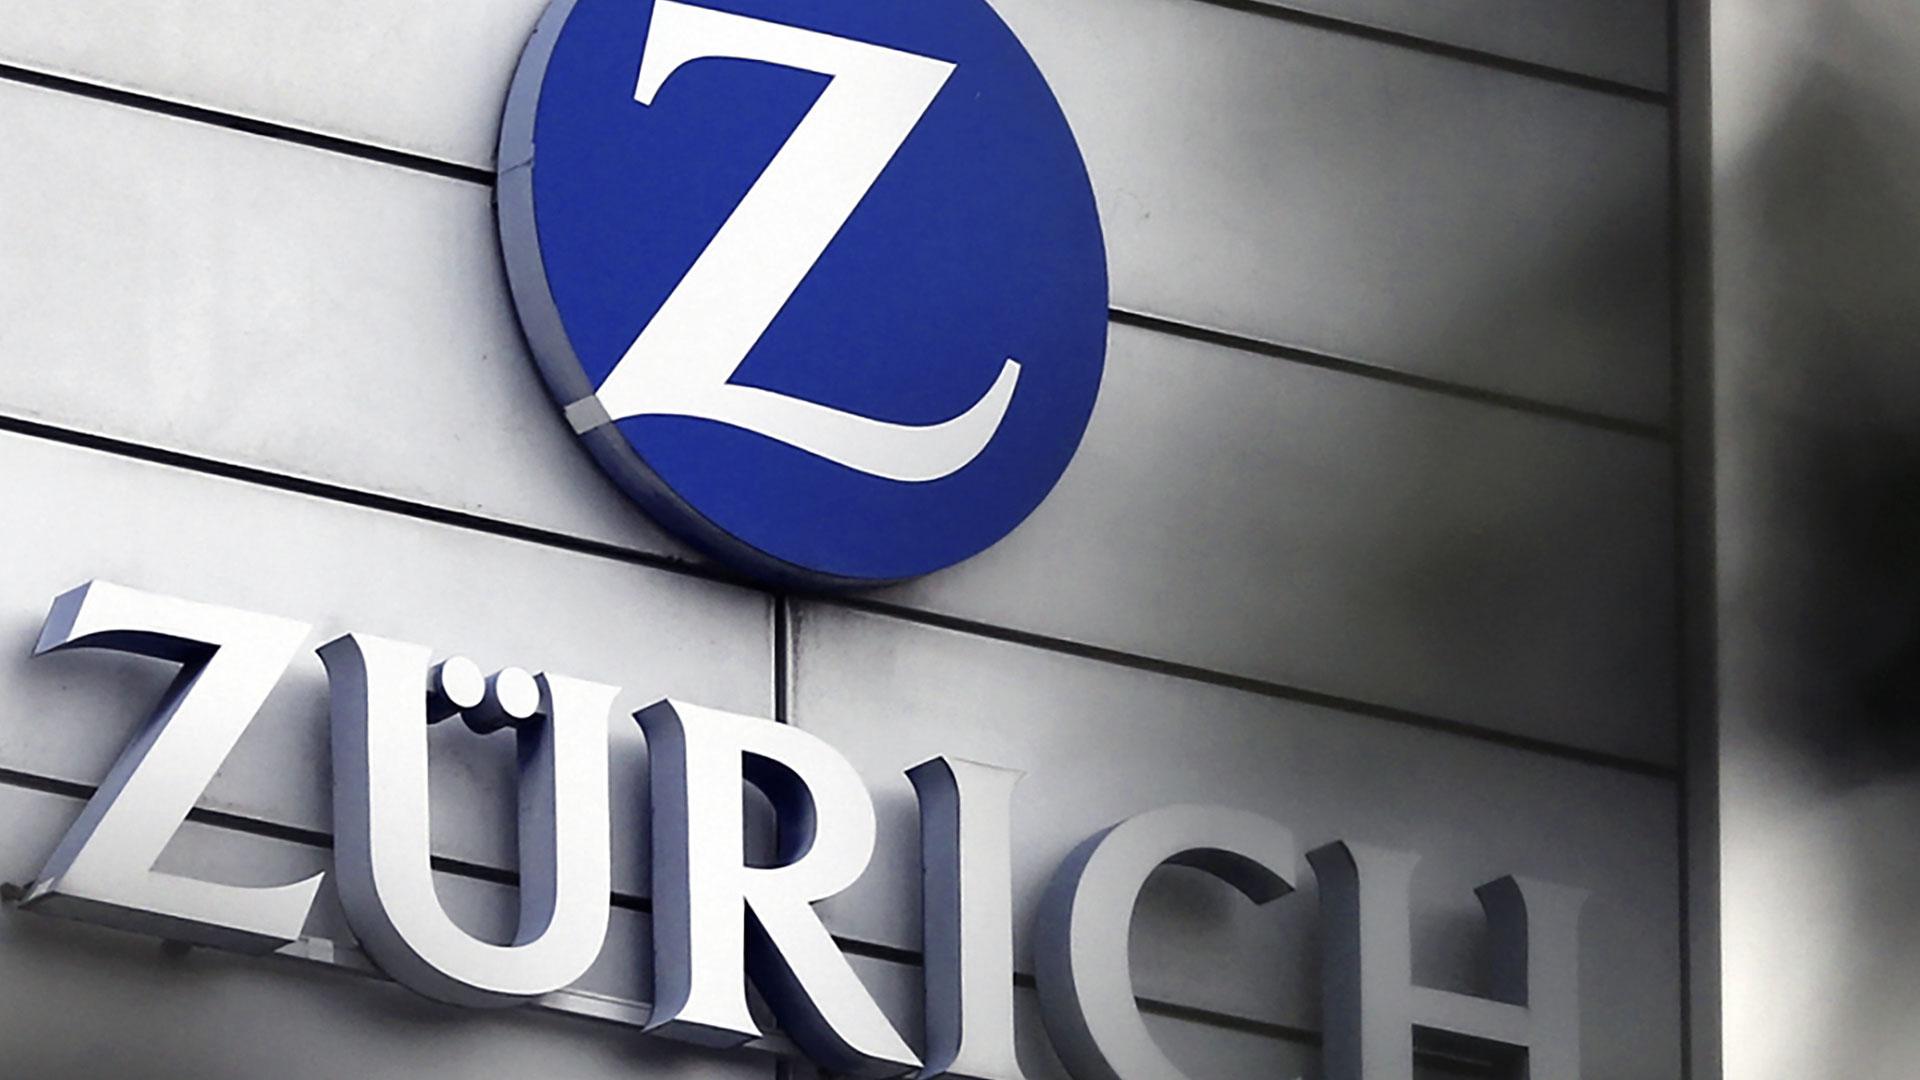 Zurich 1 web